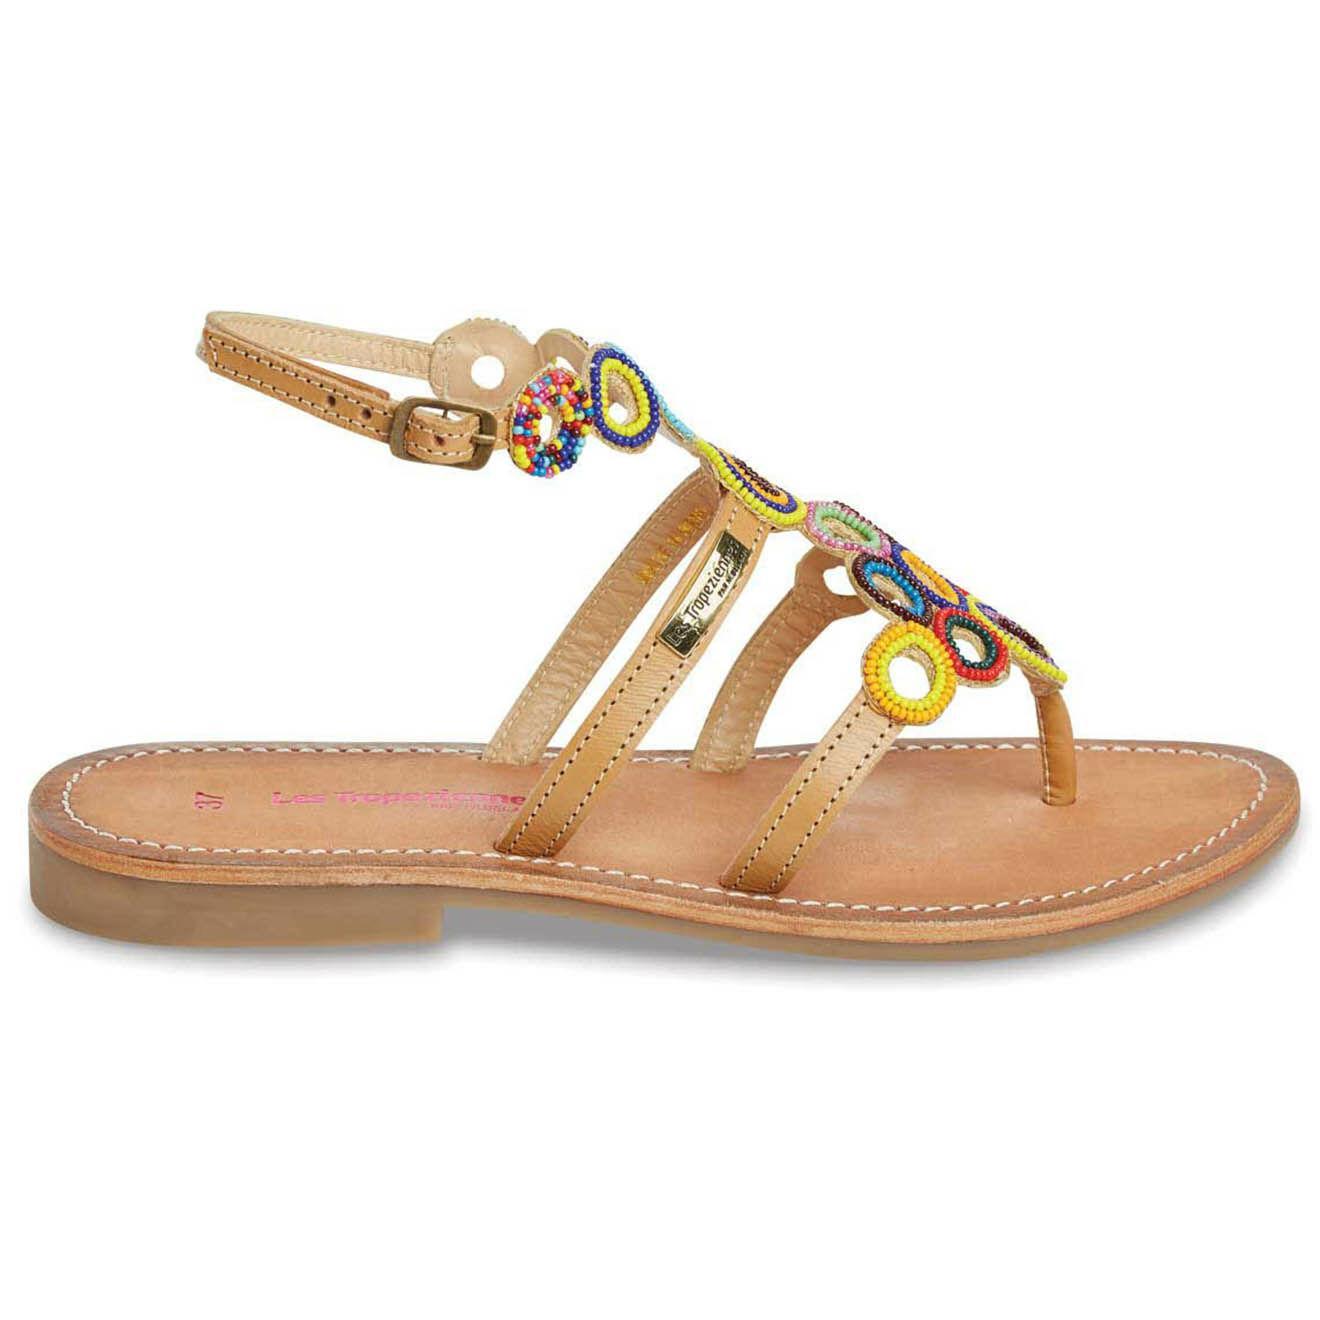 Sandales entre-doigts en Cuir Ofelie beige/multicolore - Les Tropeziennes - Modalova